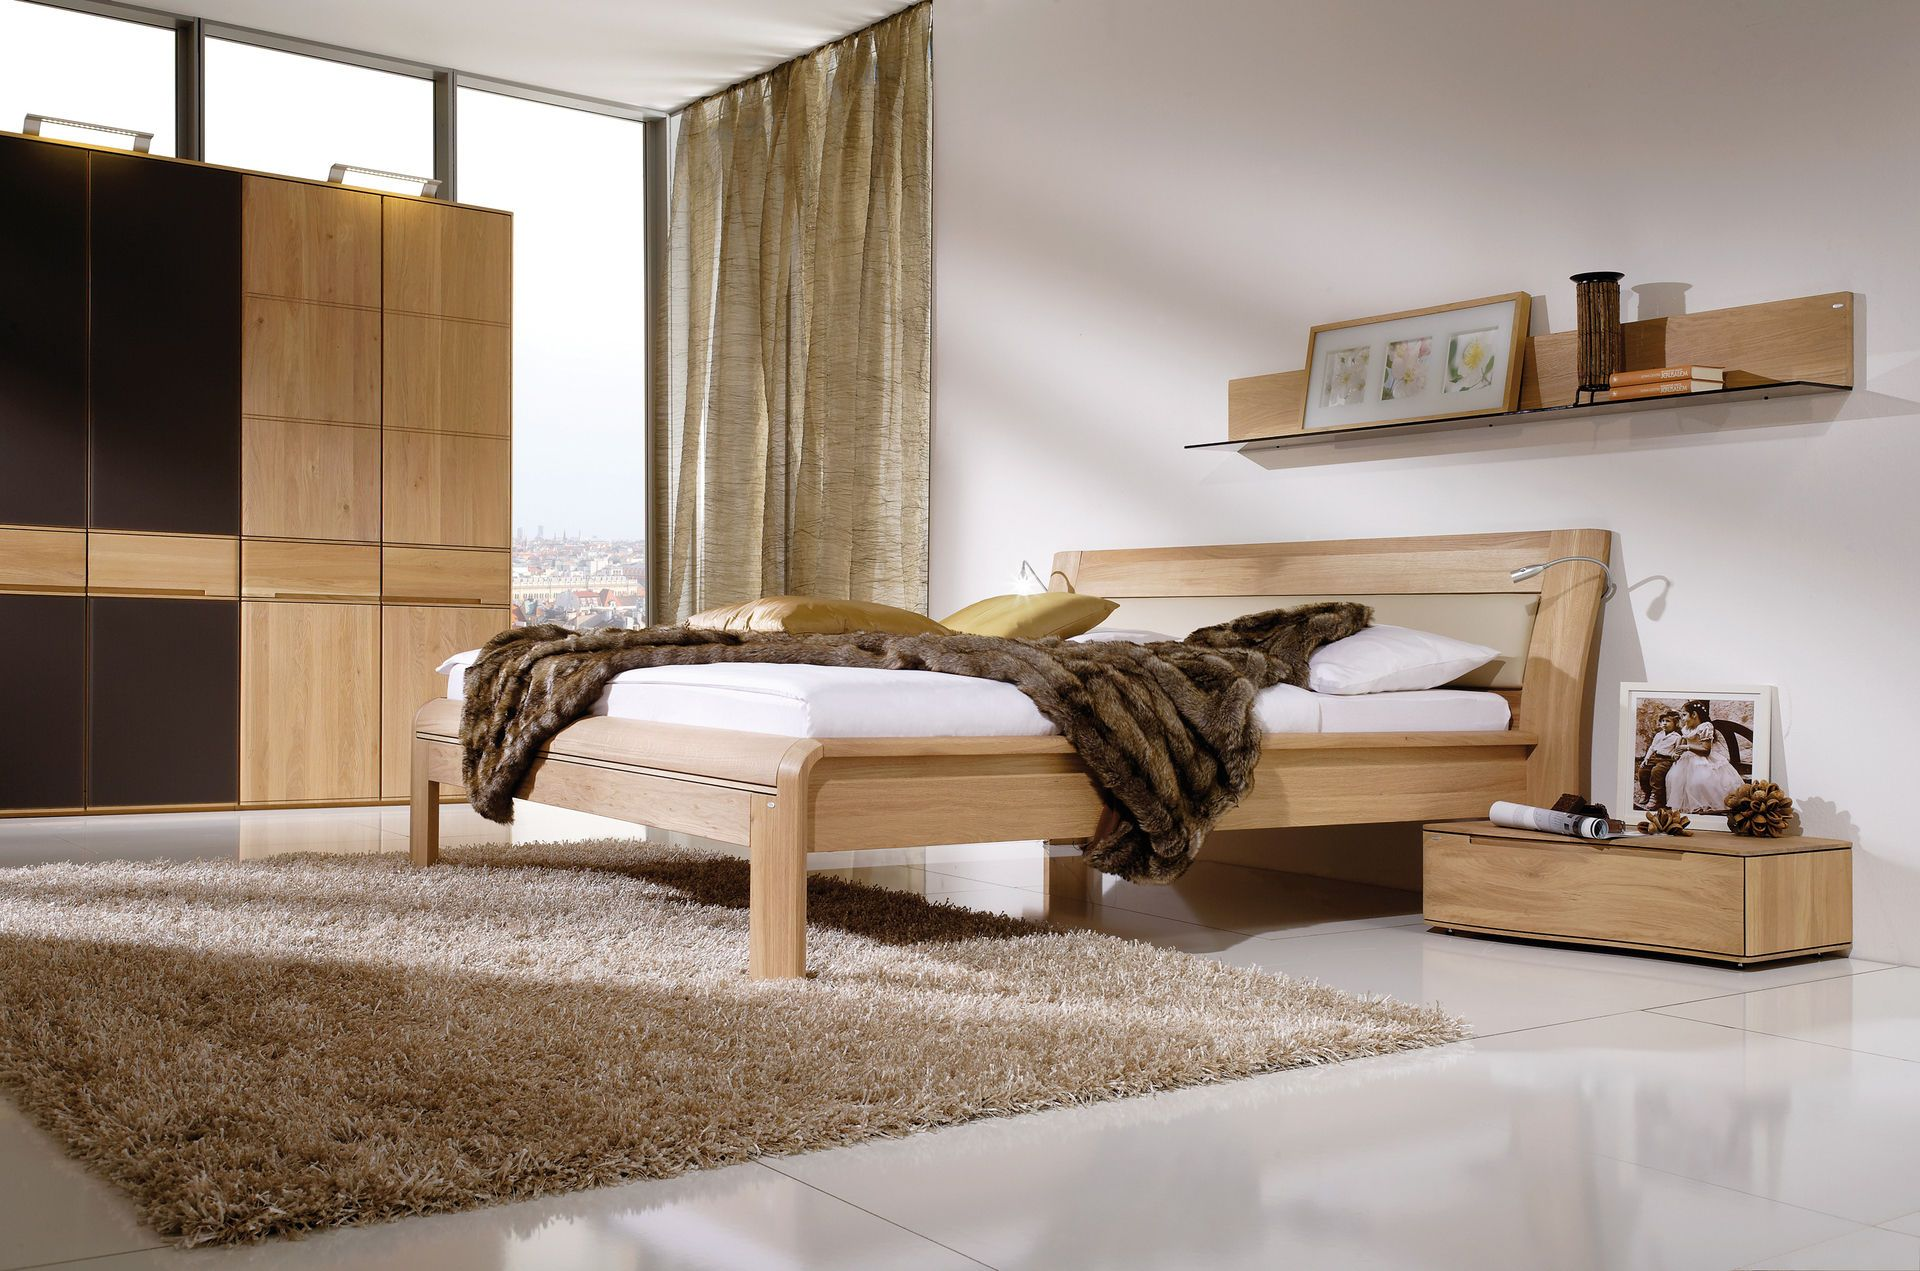 Zehn Schritte Zum Gemutlichen Schlafzimmer Bauemotion De